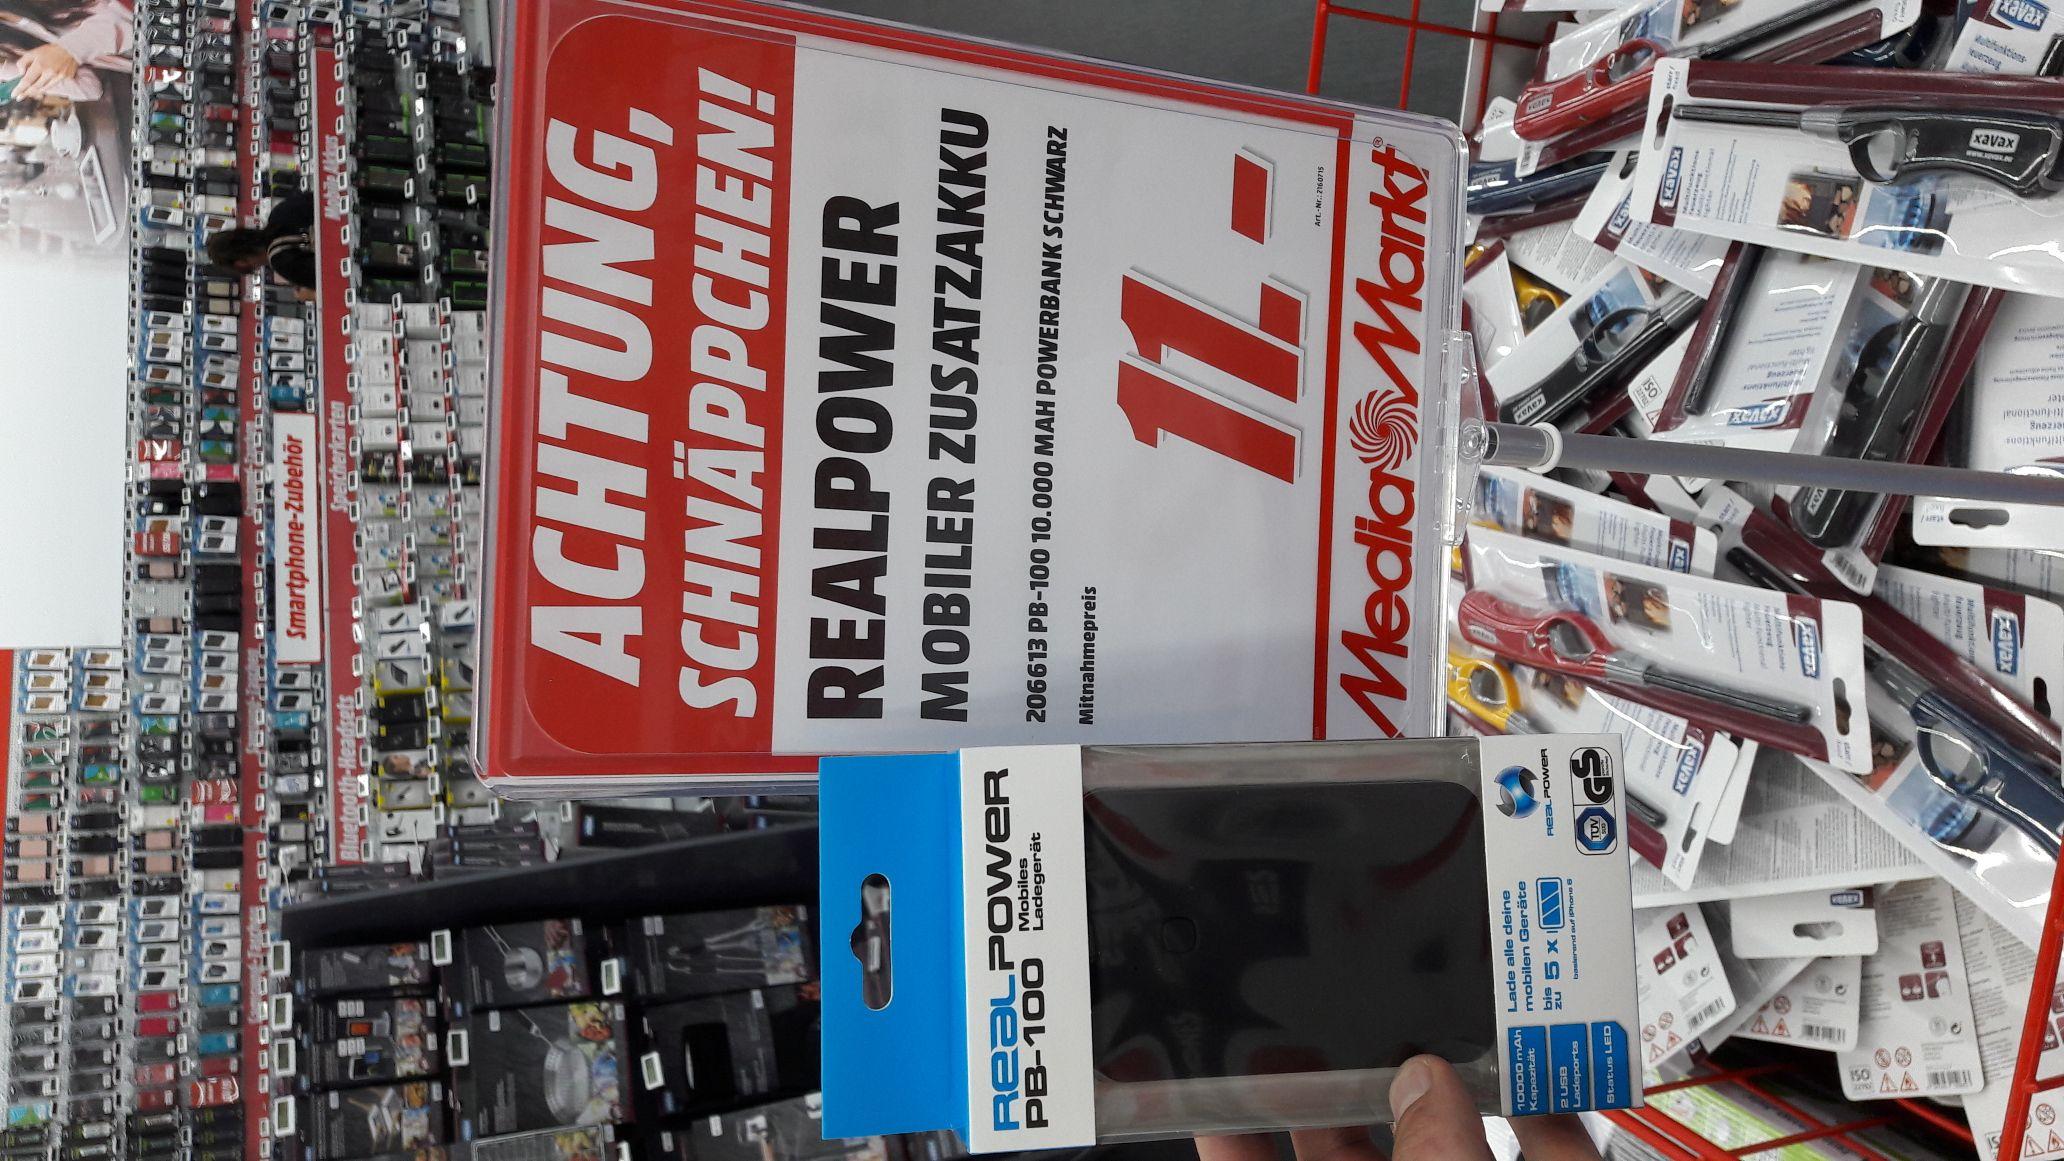 Mediamarkt Powerbank 10.000mA 2,1A